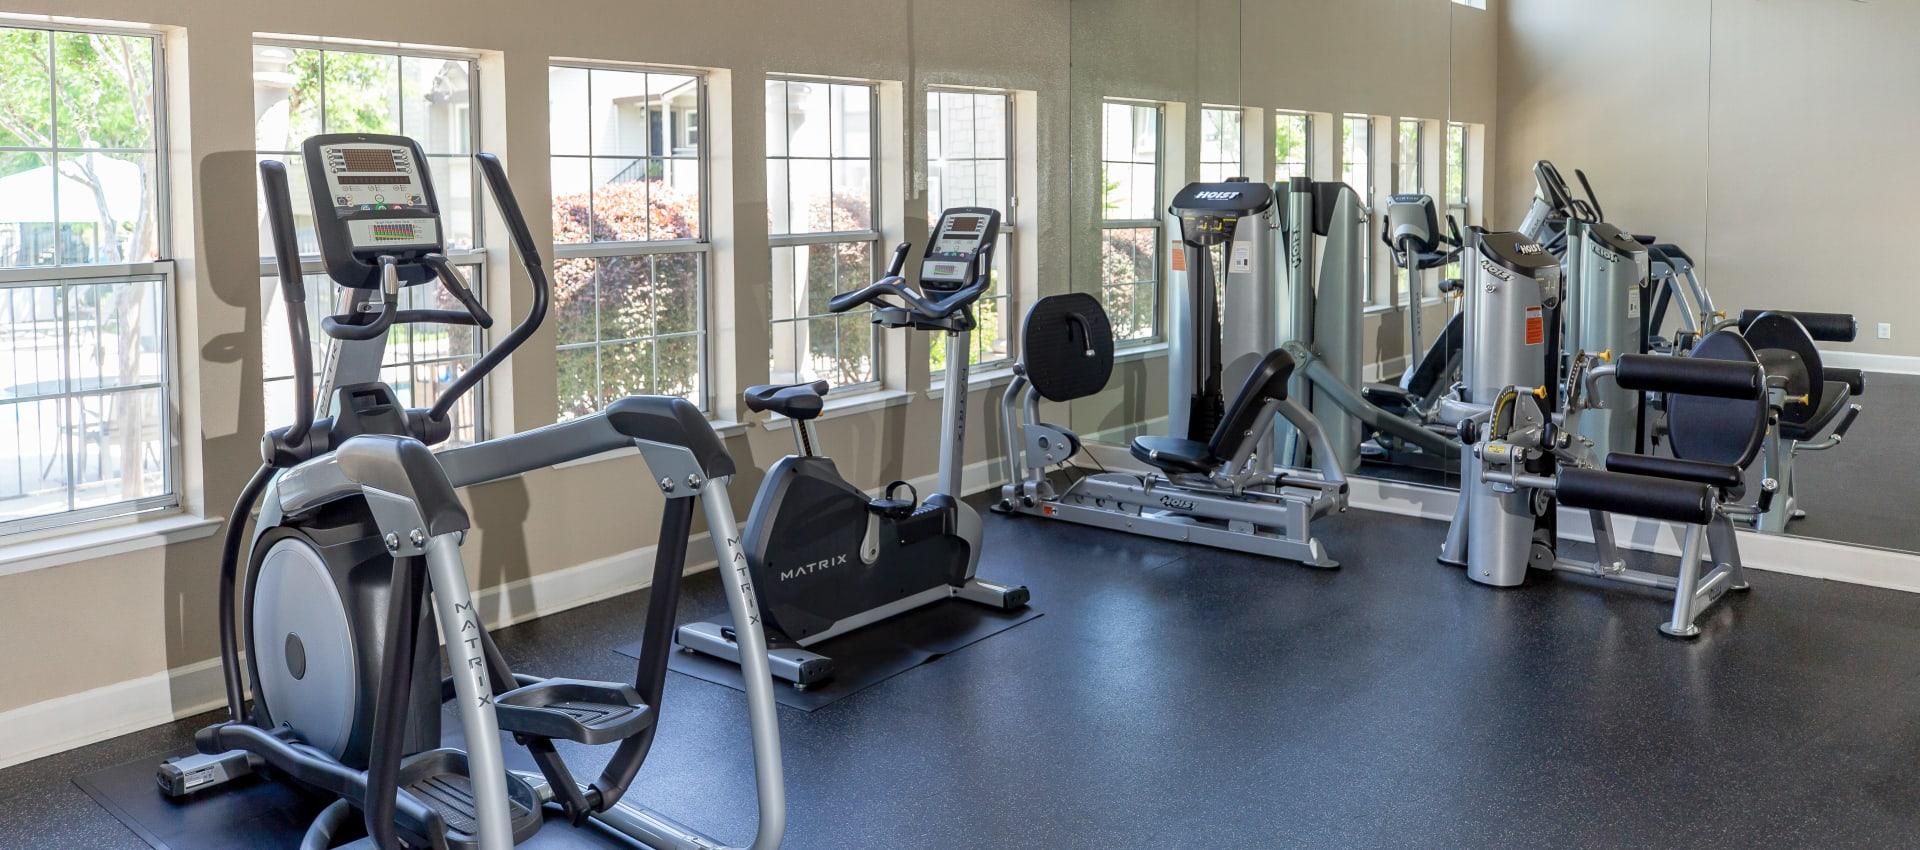 Fitness Center at Shaliko in Rocklin, California.